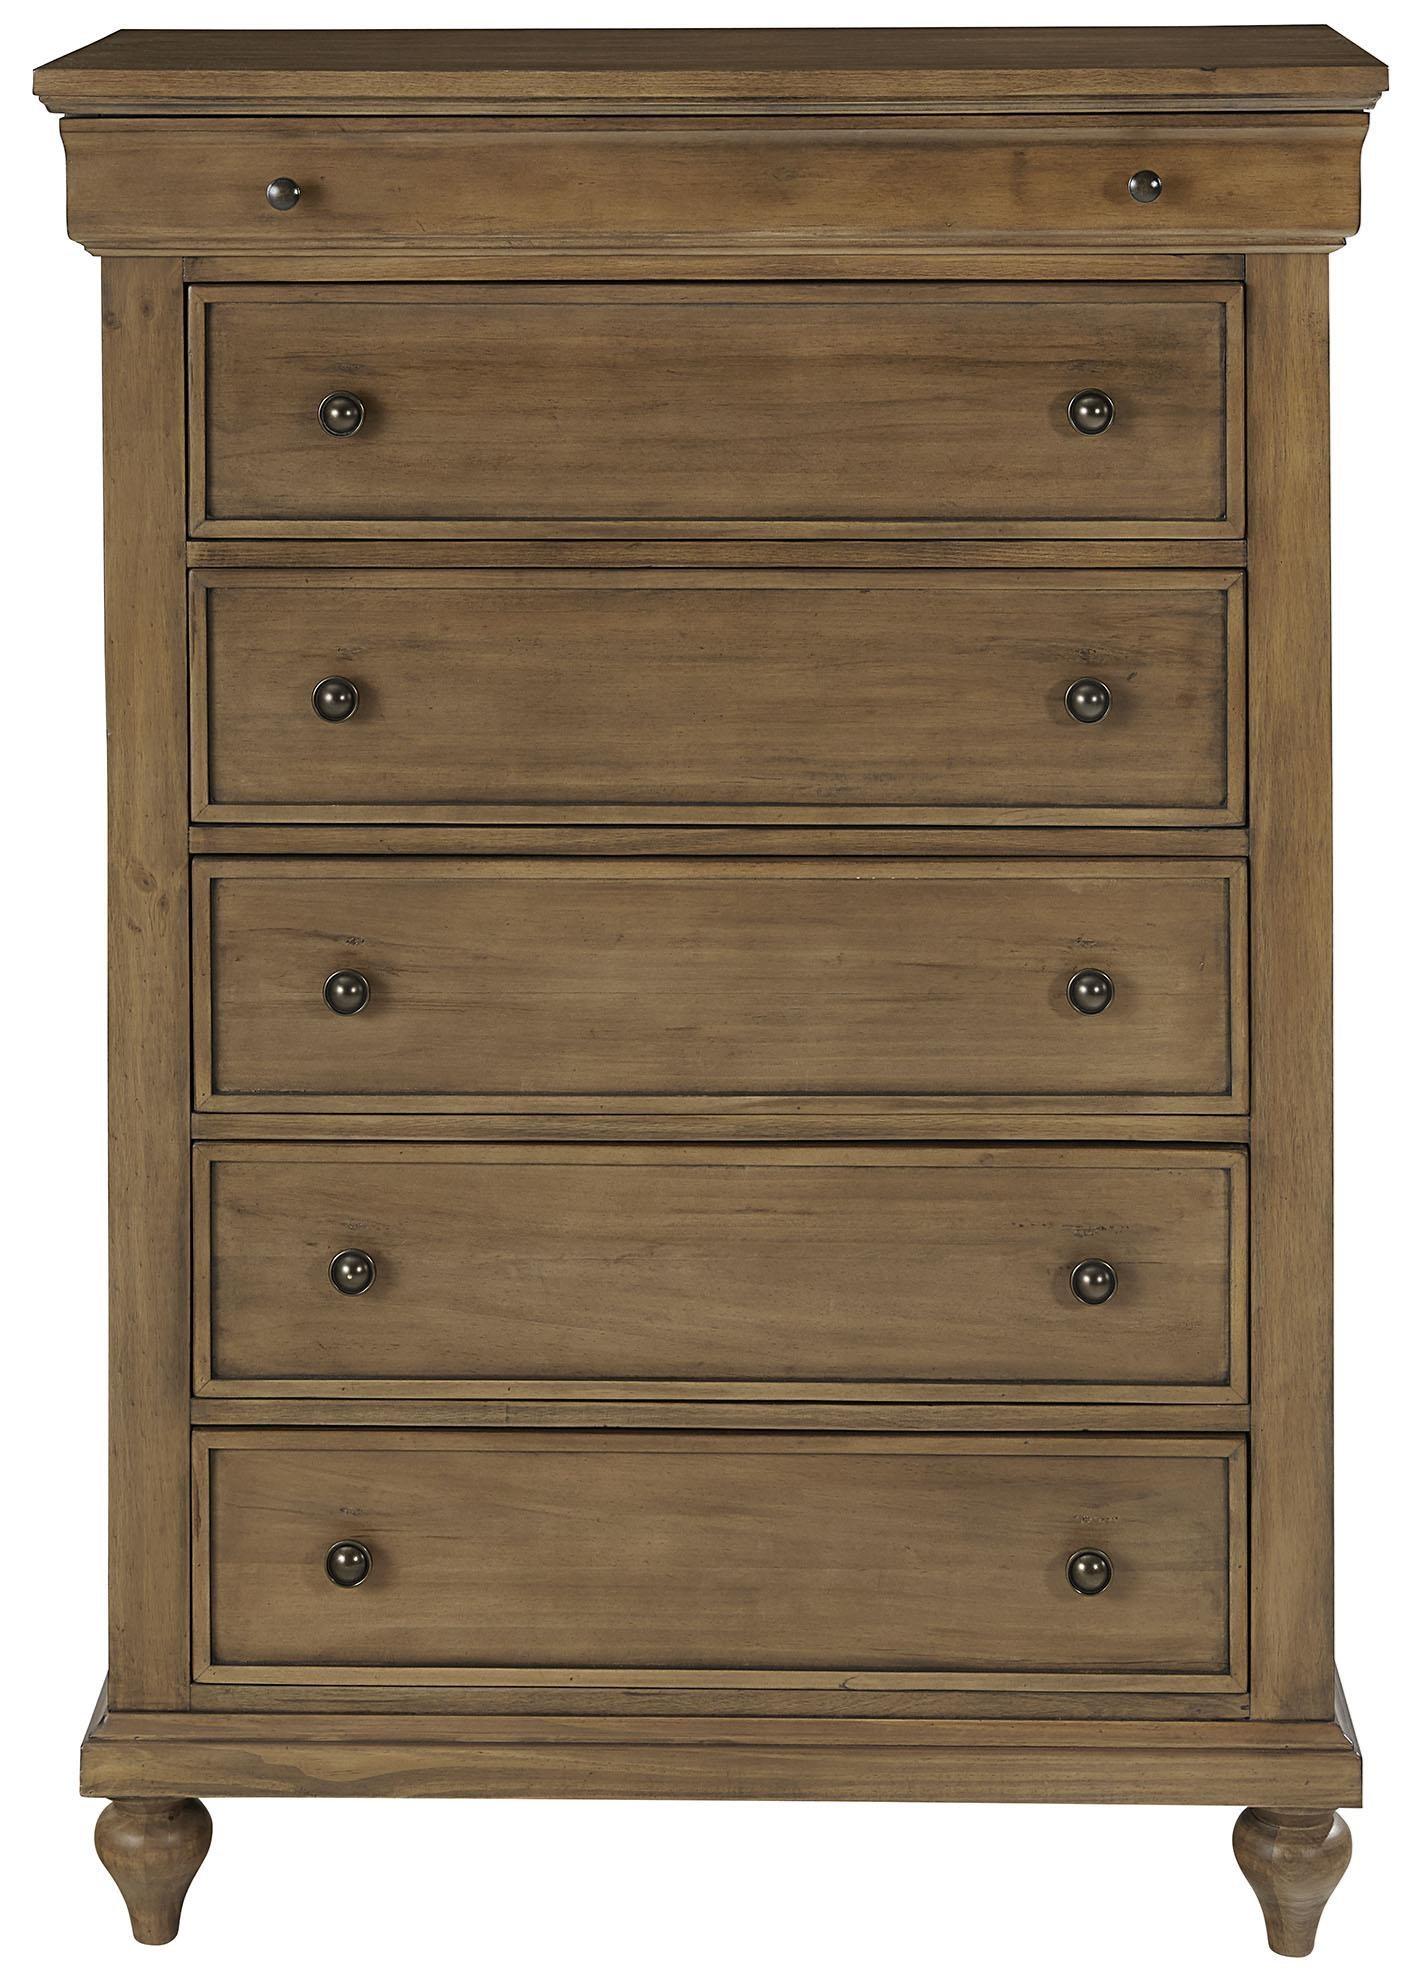 Standard Furniture Brussels Drawer Chest - Item Number: 88955